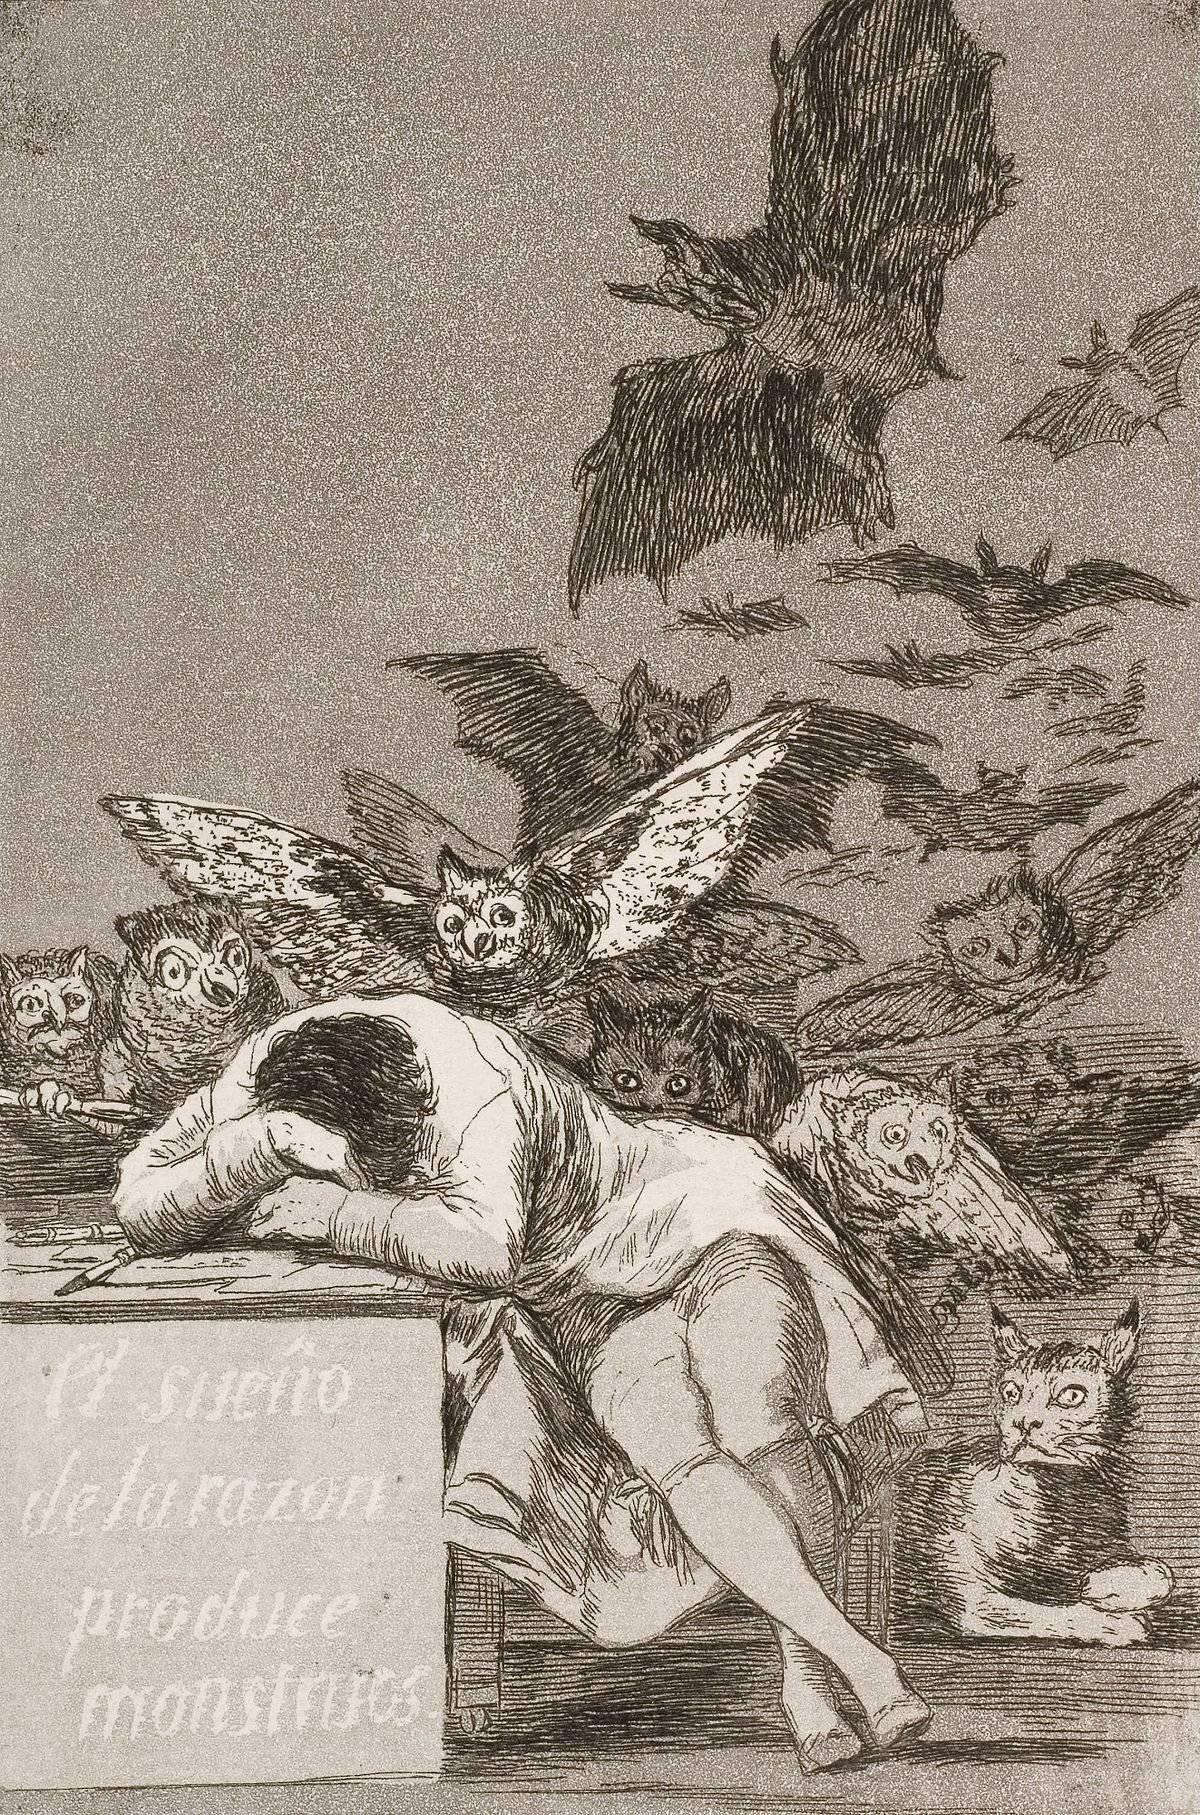 """""""El sueño de la razón produce monstruos"""" por Francisco de Goya, 1799"""